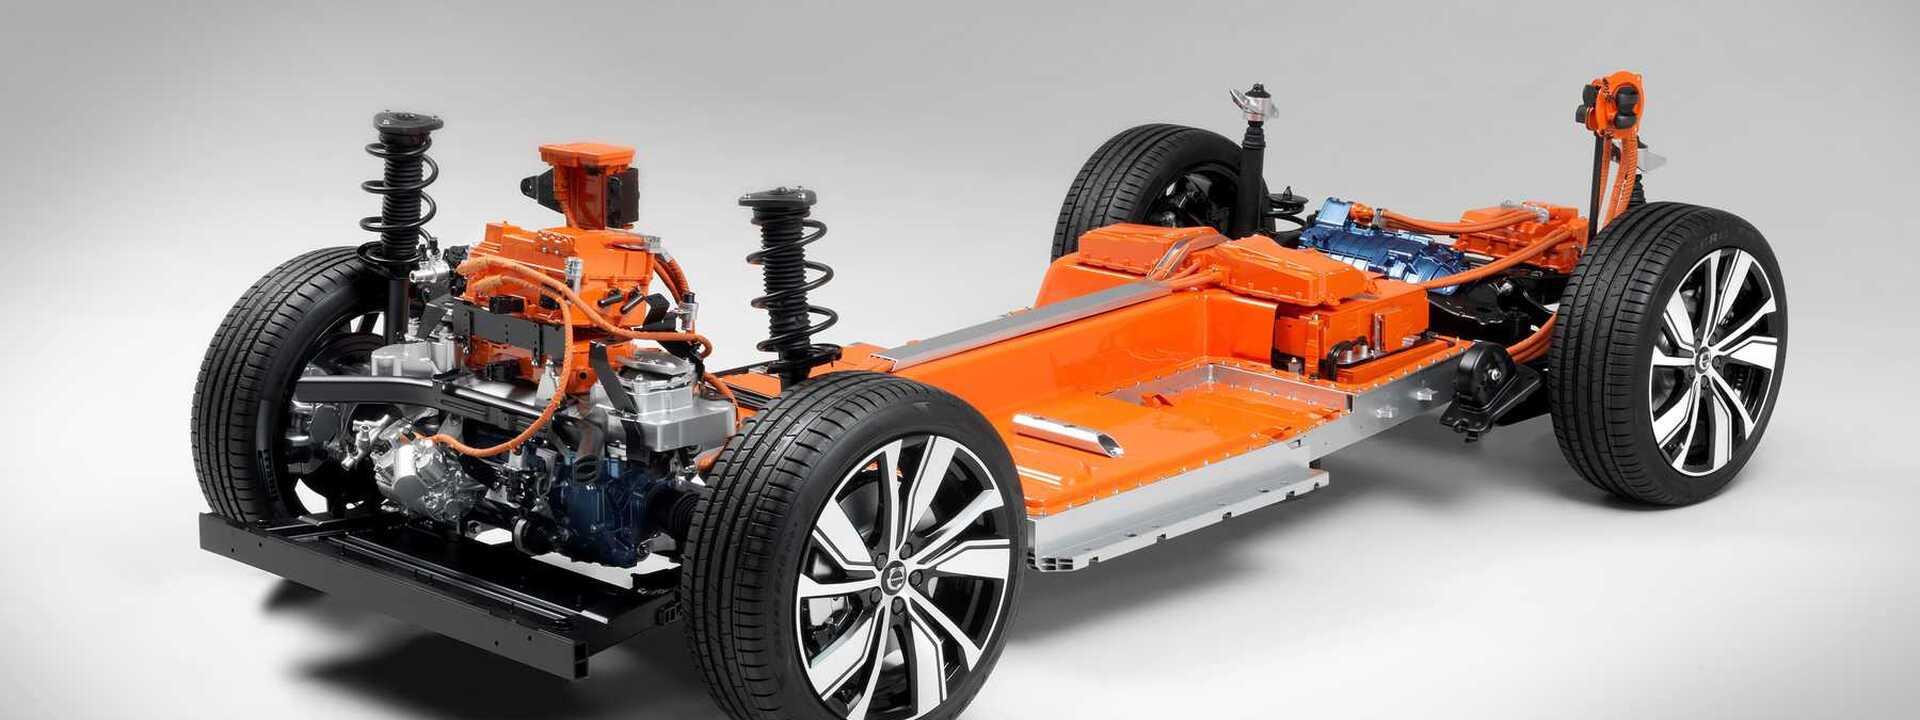 Volvo's eerste elektrische auto binnenkort voorgesteld